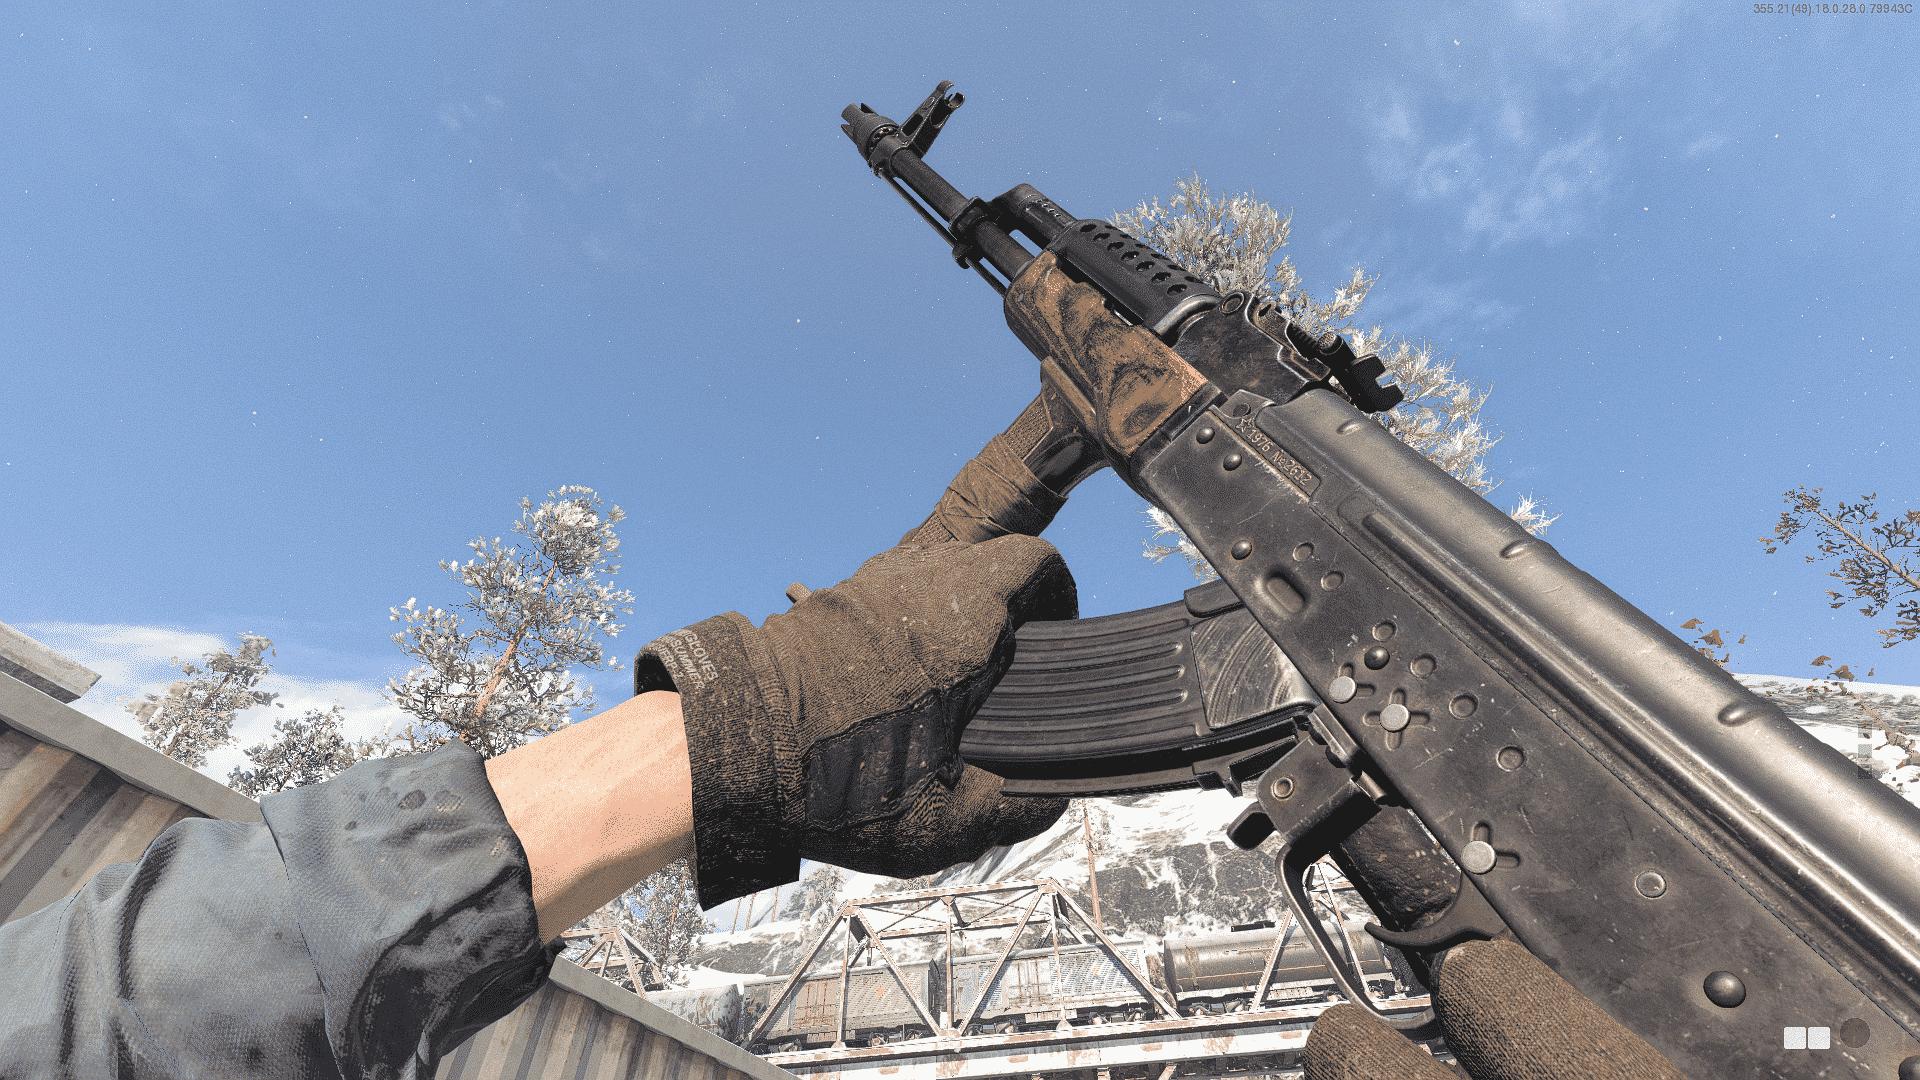 Equipo AK-47 de la Guerra Fría de Black Ops